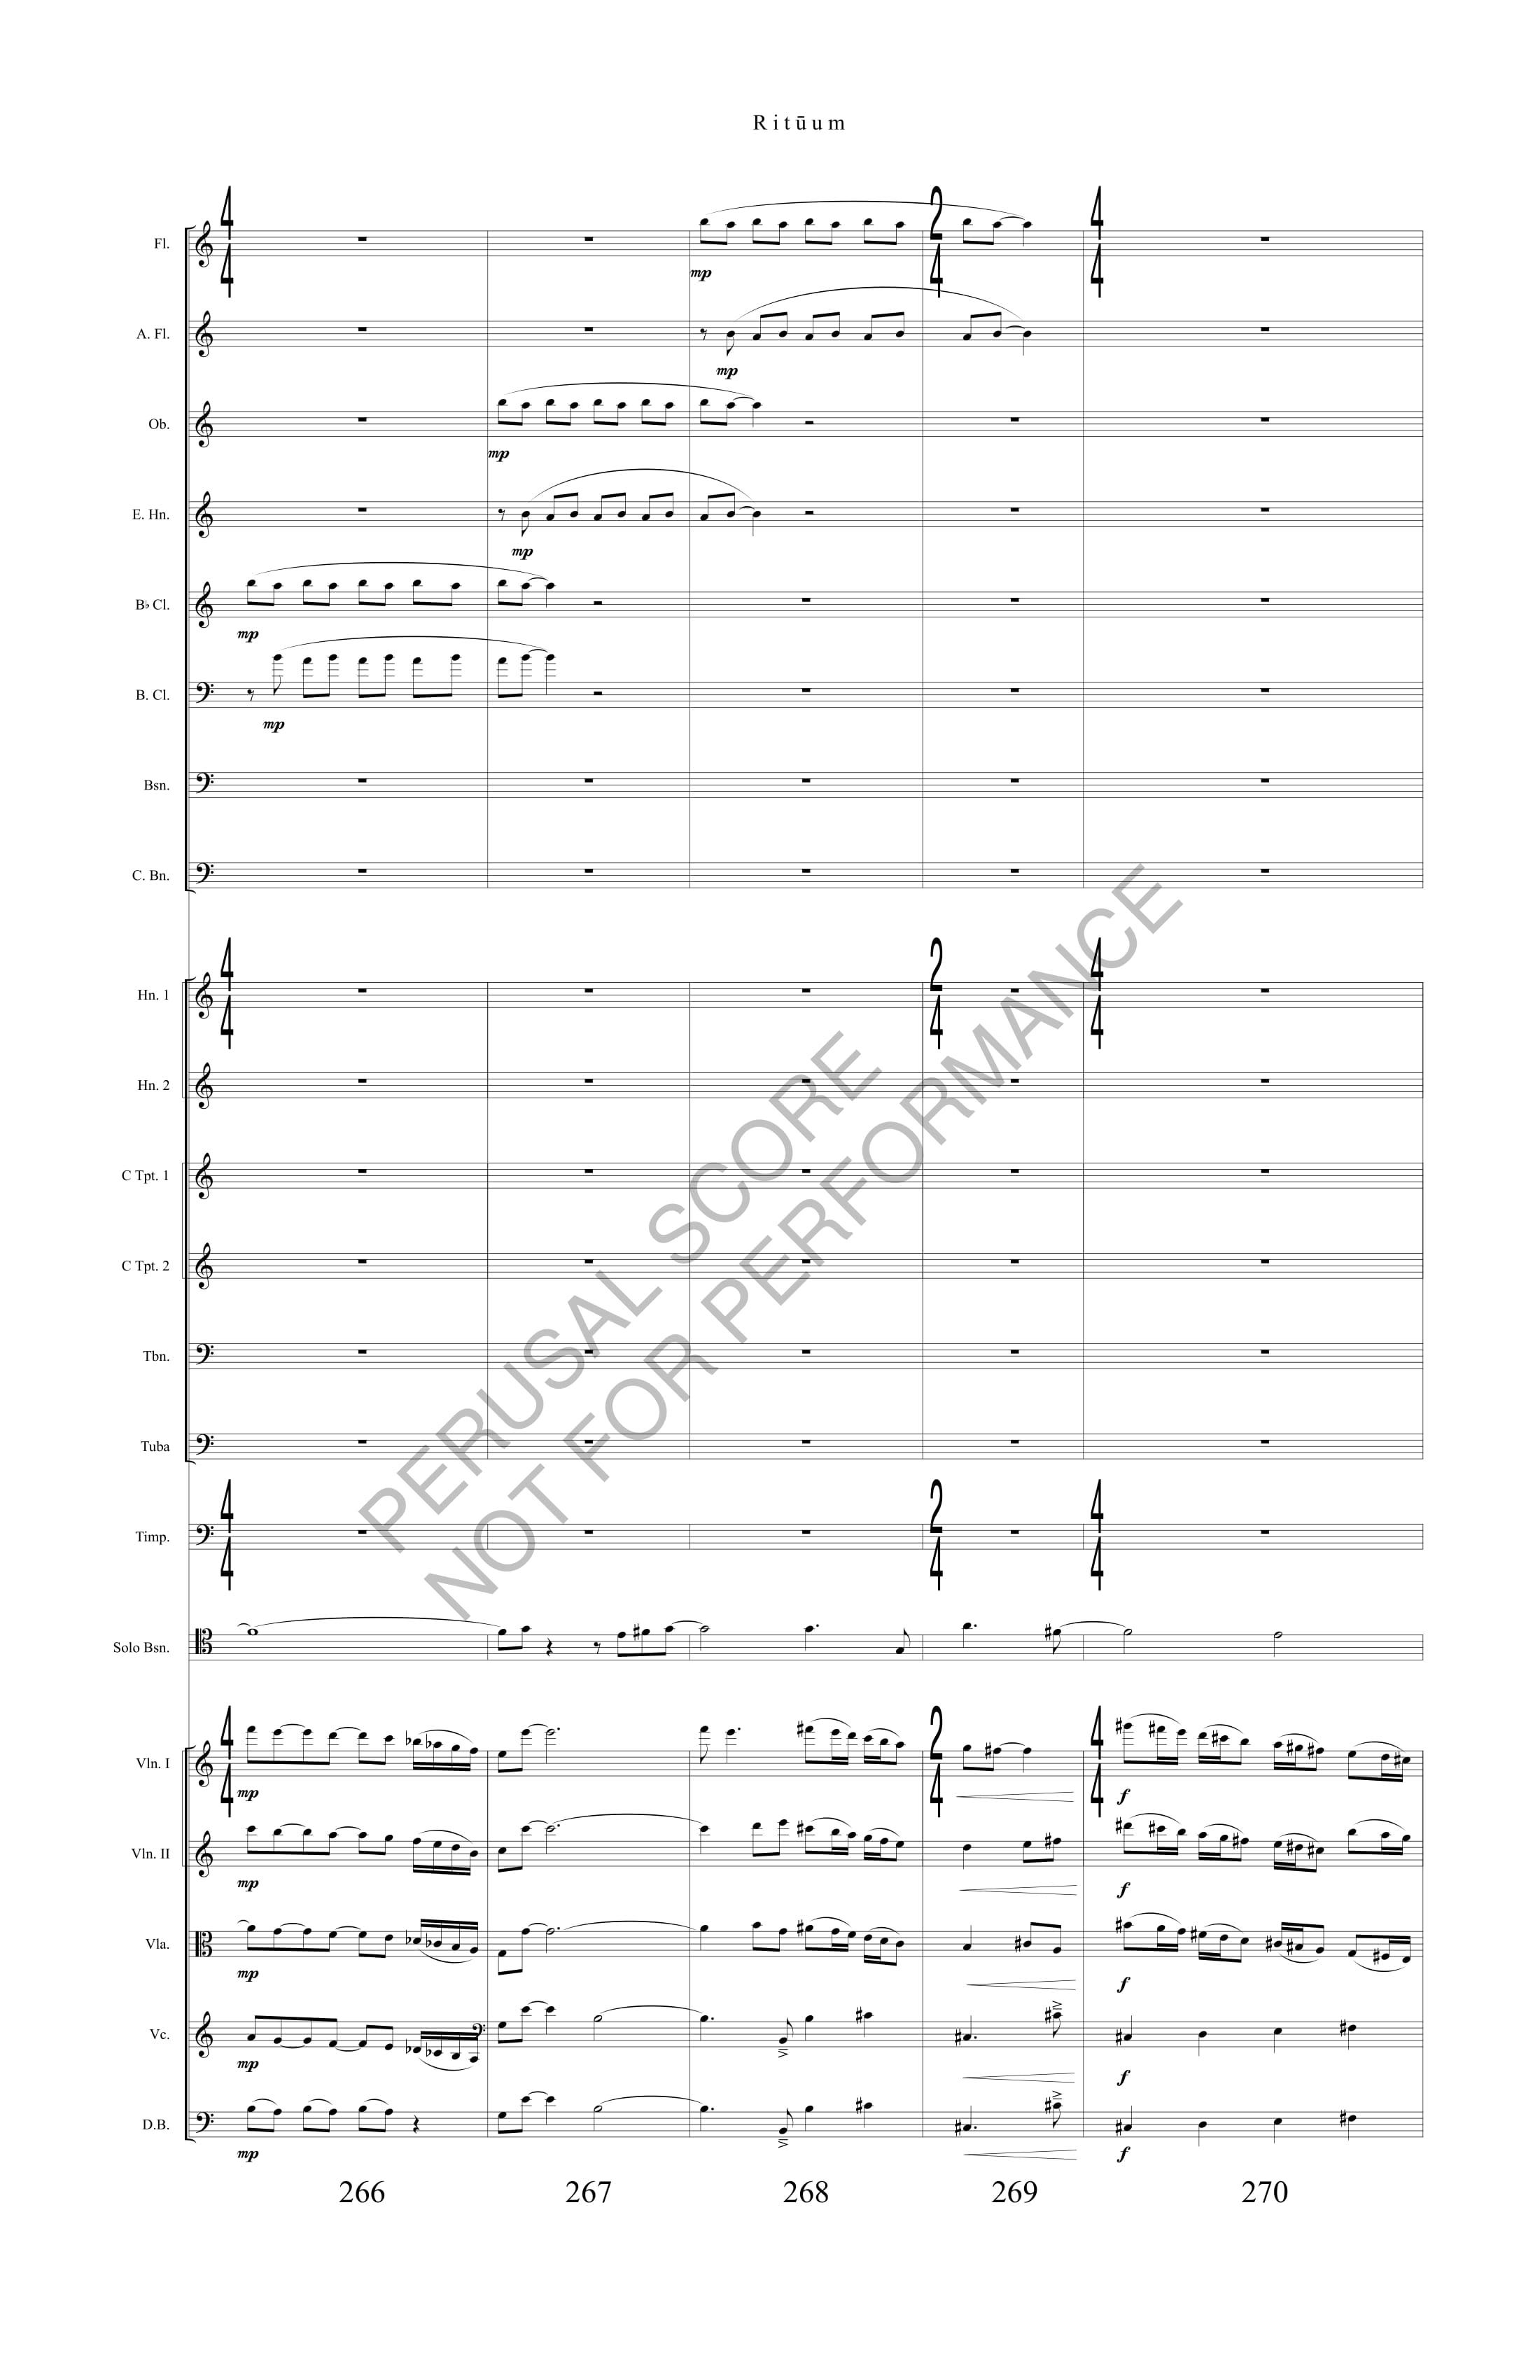 Boyd Rituum Score-watermark (1)-62.jpg